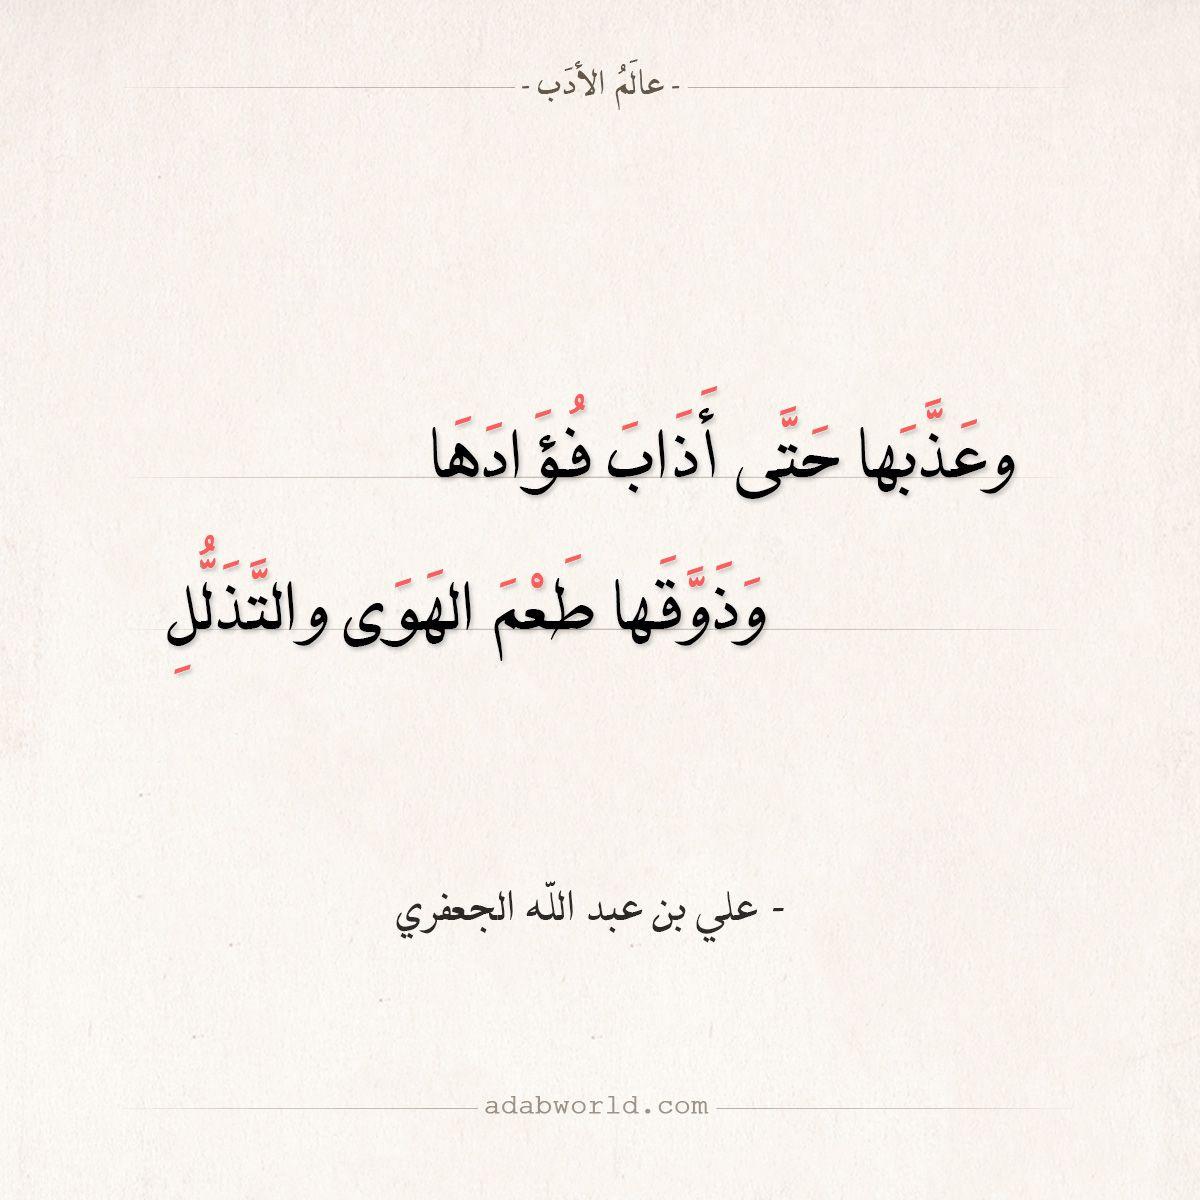 شعر علي بن عبد الله الجعفري ولما بدا لي أنها لا تحبني عالم الأدب Words Arabic Words Messages